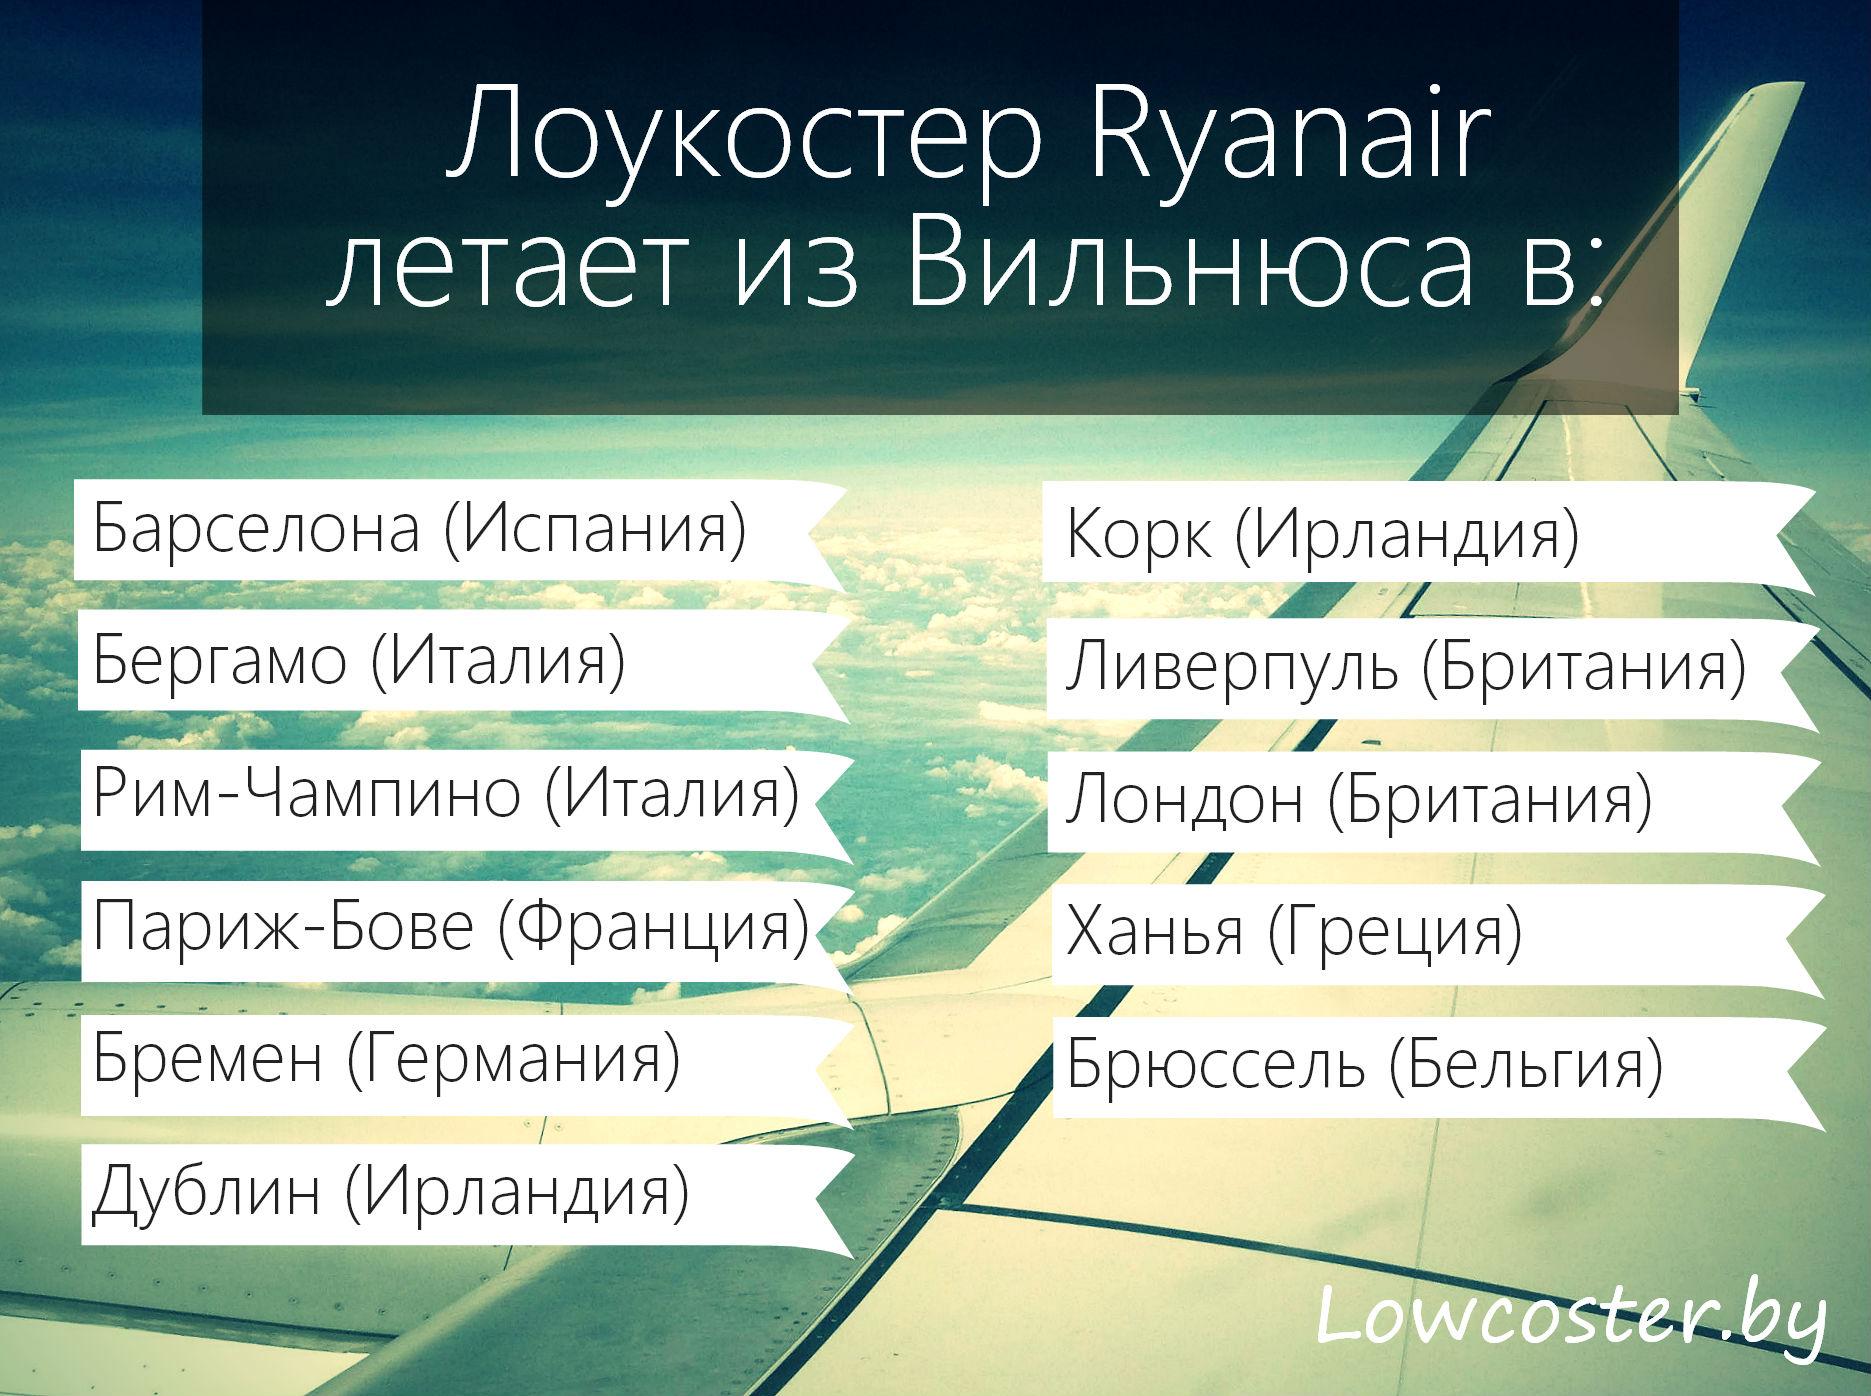 Дешевые авиабилеты Киев – Ереван от $66